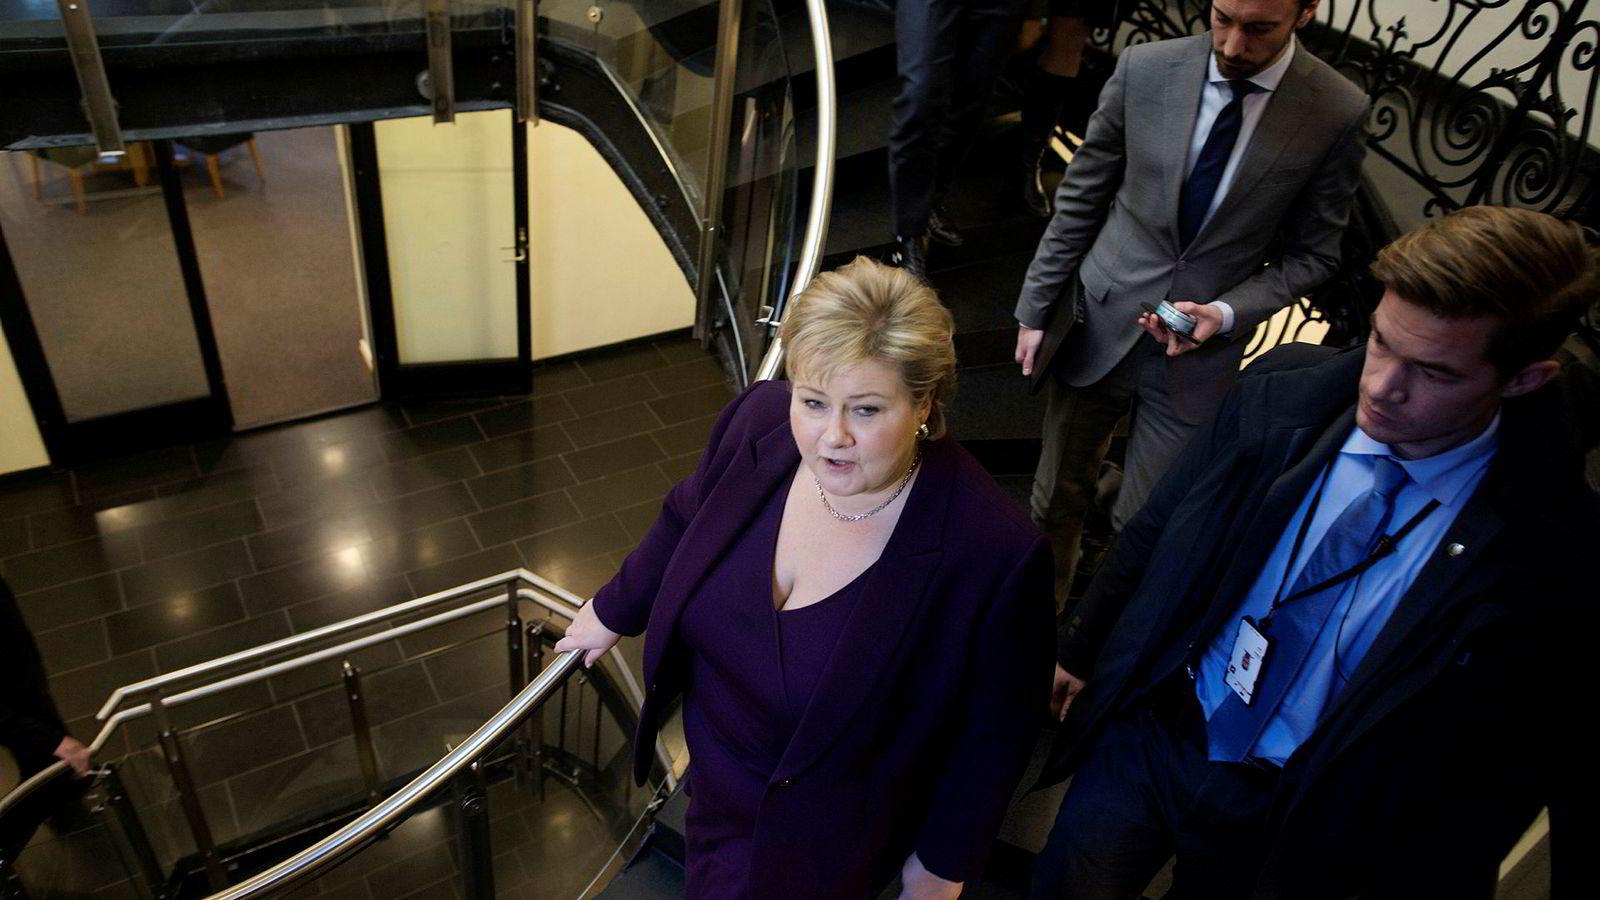 Statsminister Erna Solberg gikk fra møte til møte for å fikse budsjettkrisen fredag. Samtidig fikk Stortinget et nytt dokument som viser den egentlige krisen i budsjettet. Foto: